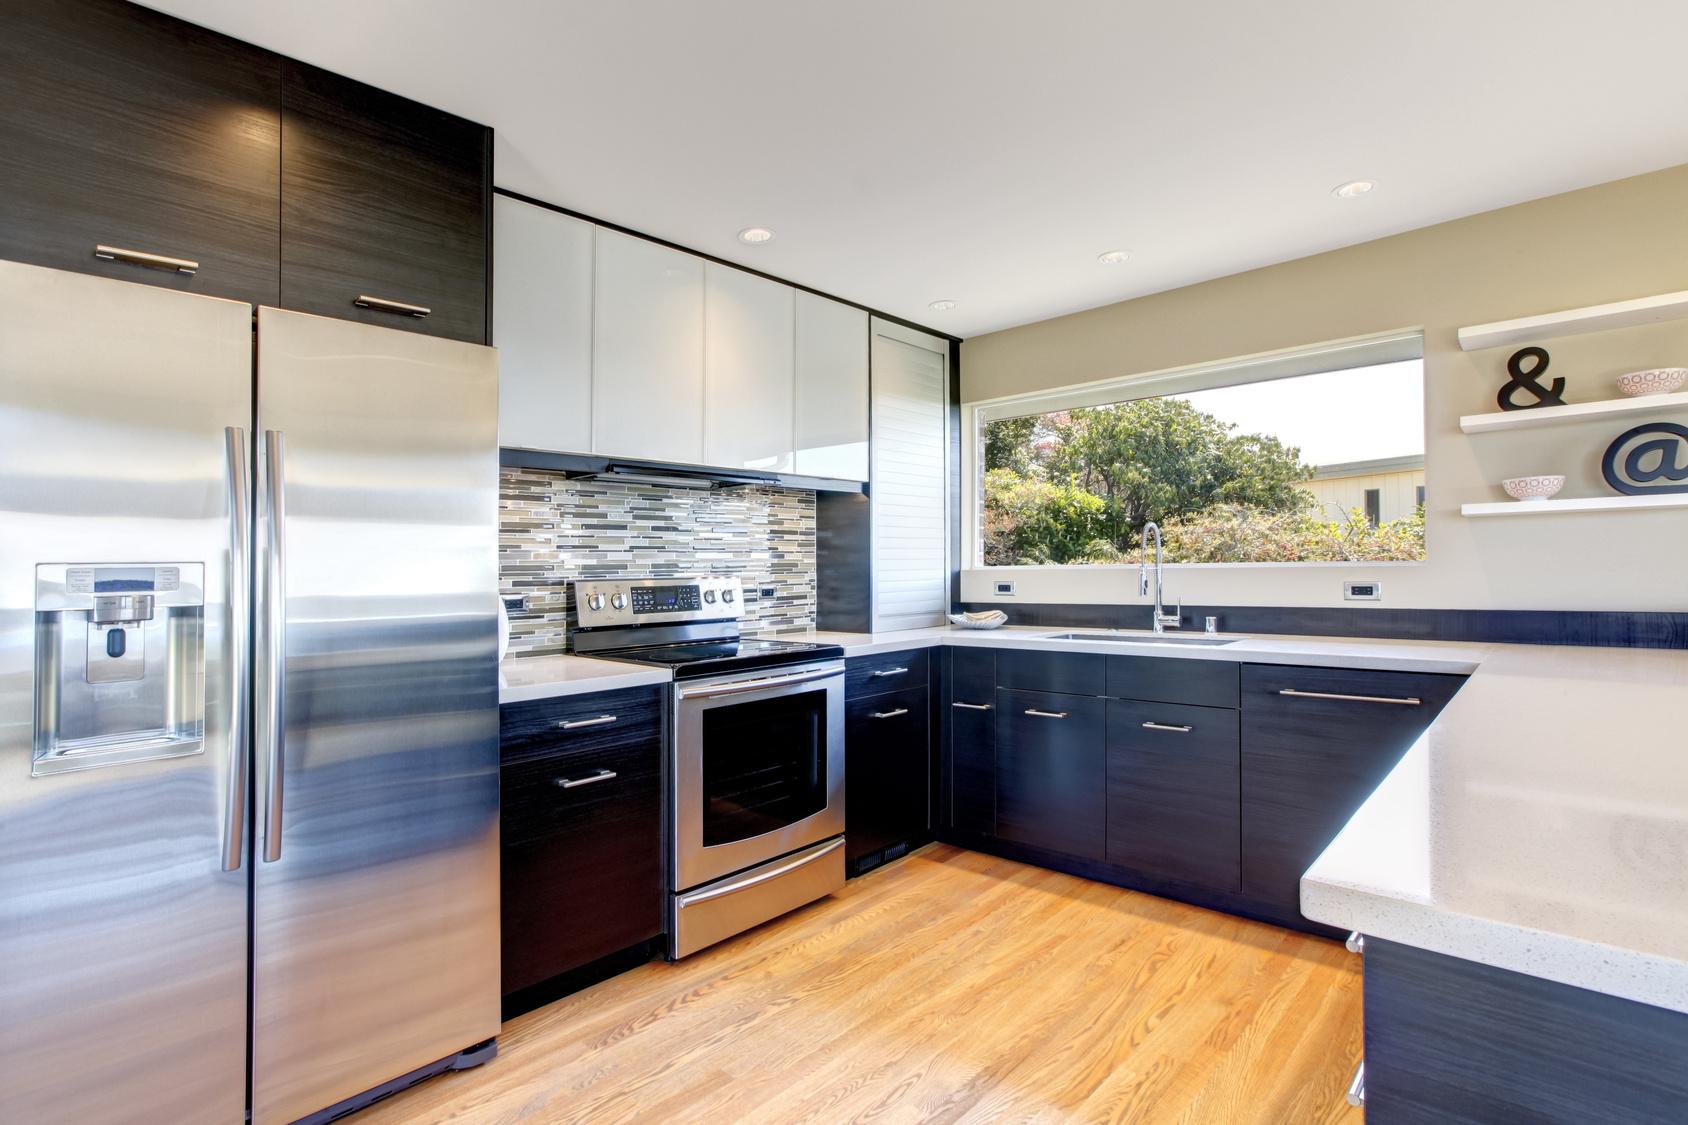 Küchenplanung u-form  Die U-form Küche - klassische Küchenform mit modernem Stil